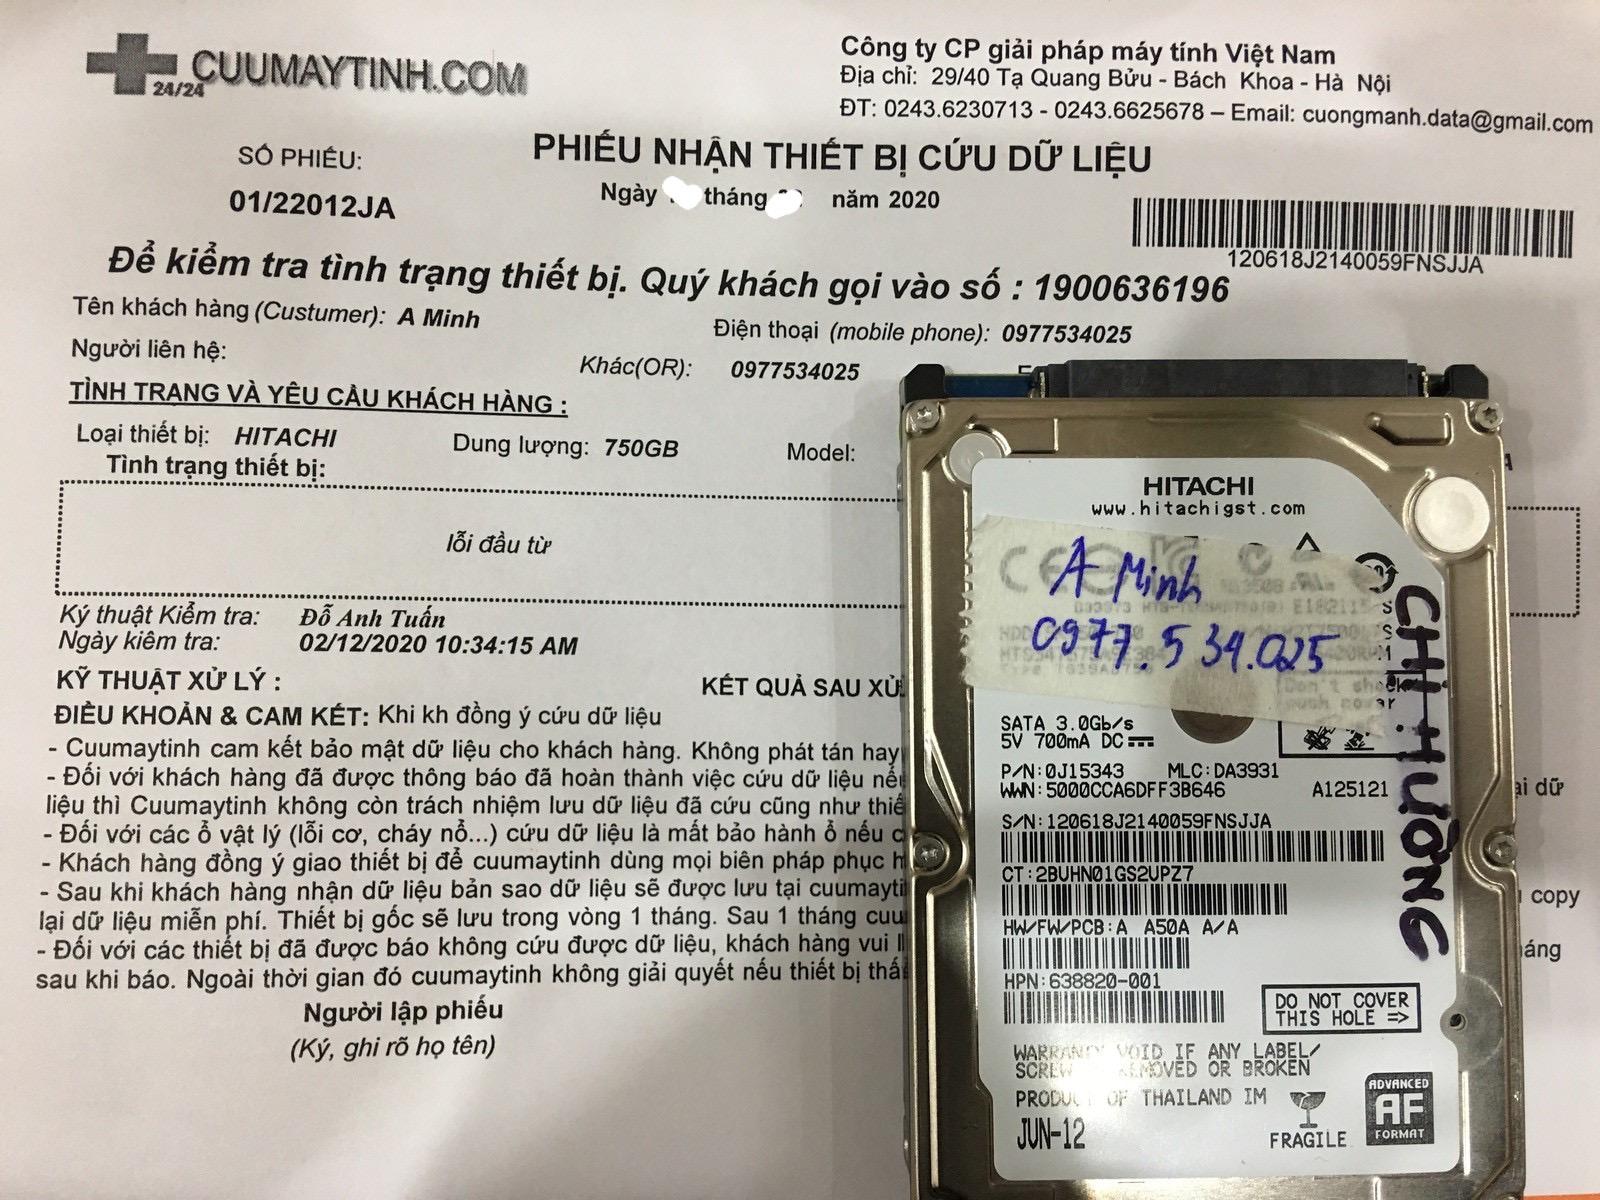 Cứu dữ liệu ổ cứng Hitachi 750GB lỗi đầu đọc 07/03/2020 - cuumaytinh